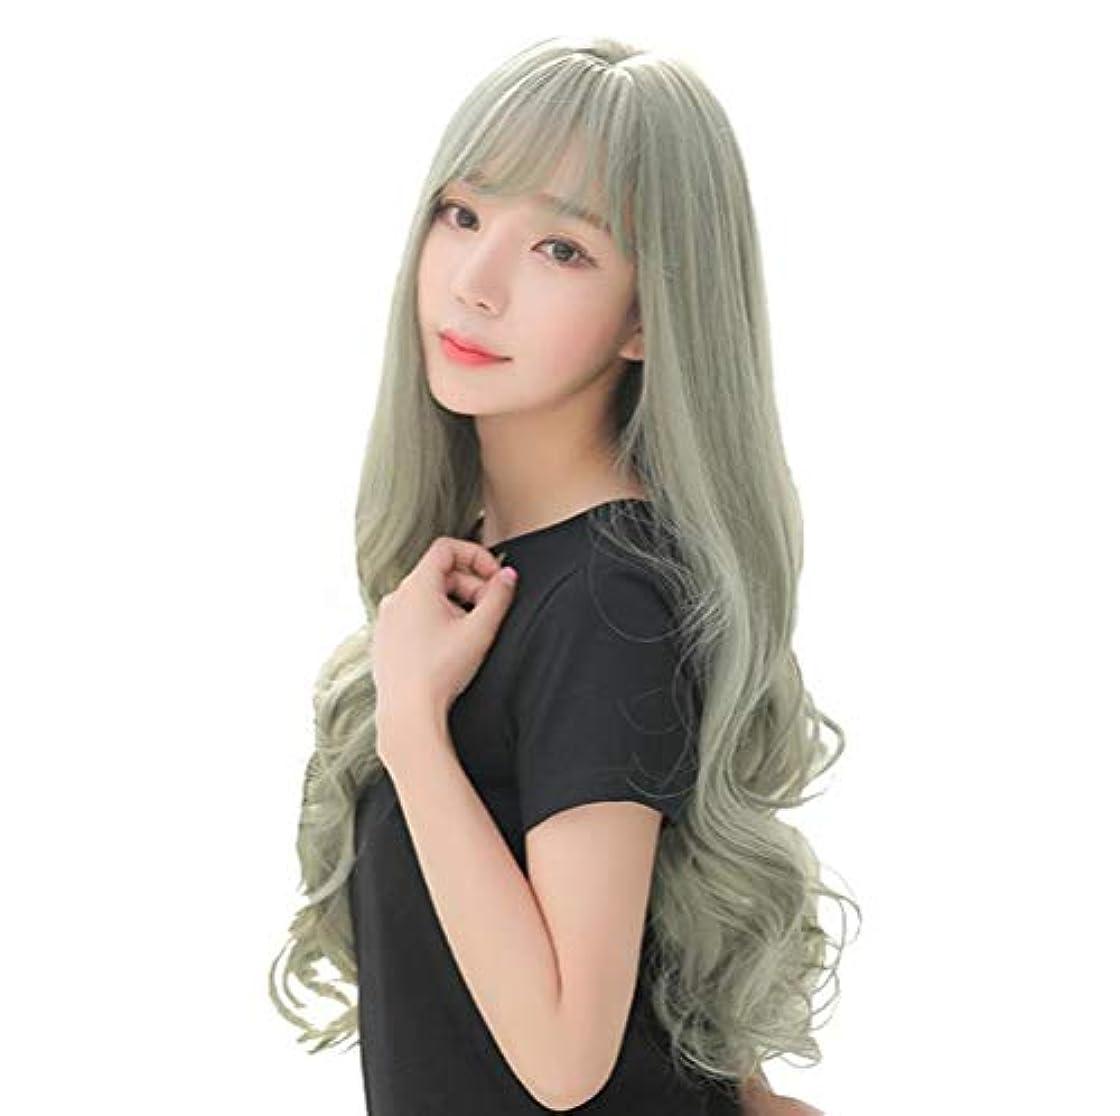 輪郭特権的役員かつら女性アッシュグリーン高温シルク長い巻き毛ビッグウェーブ空気前髪 LH2203 (アッシュグリーン)